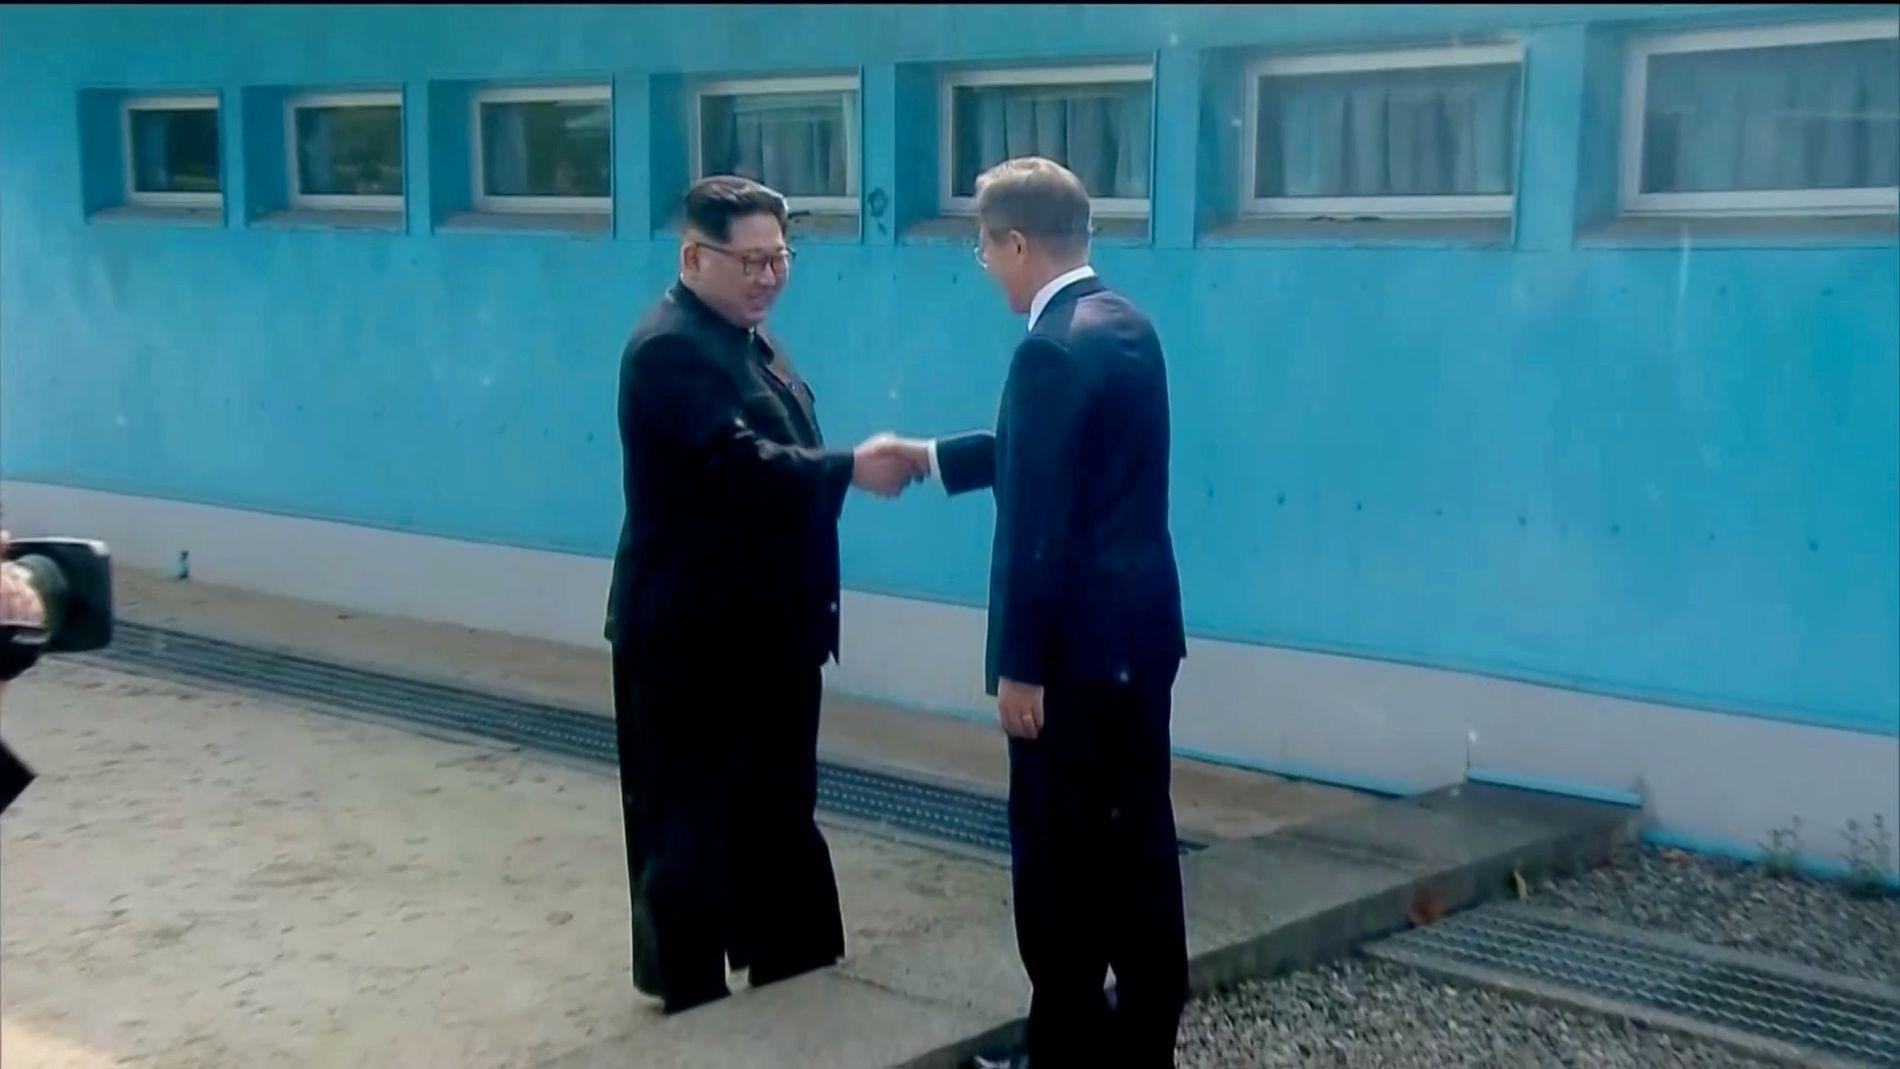 HÅND I HÅND:  Det er første gang  Kim Jong-un møter Moon Jae-in. Og første gang han er i Sør-Korea. Her ser man det historiske håndtrykket.